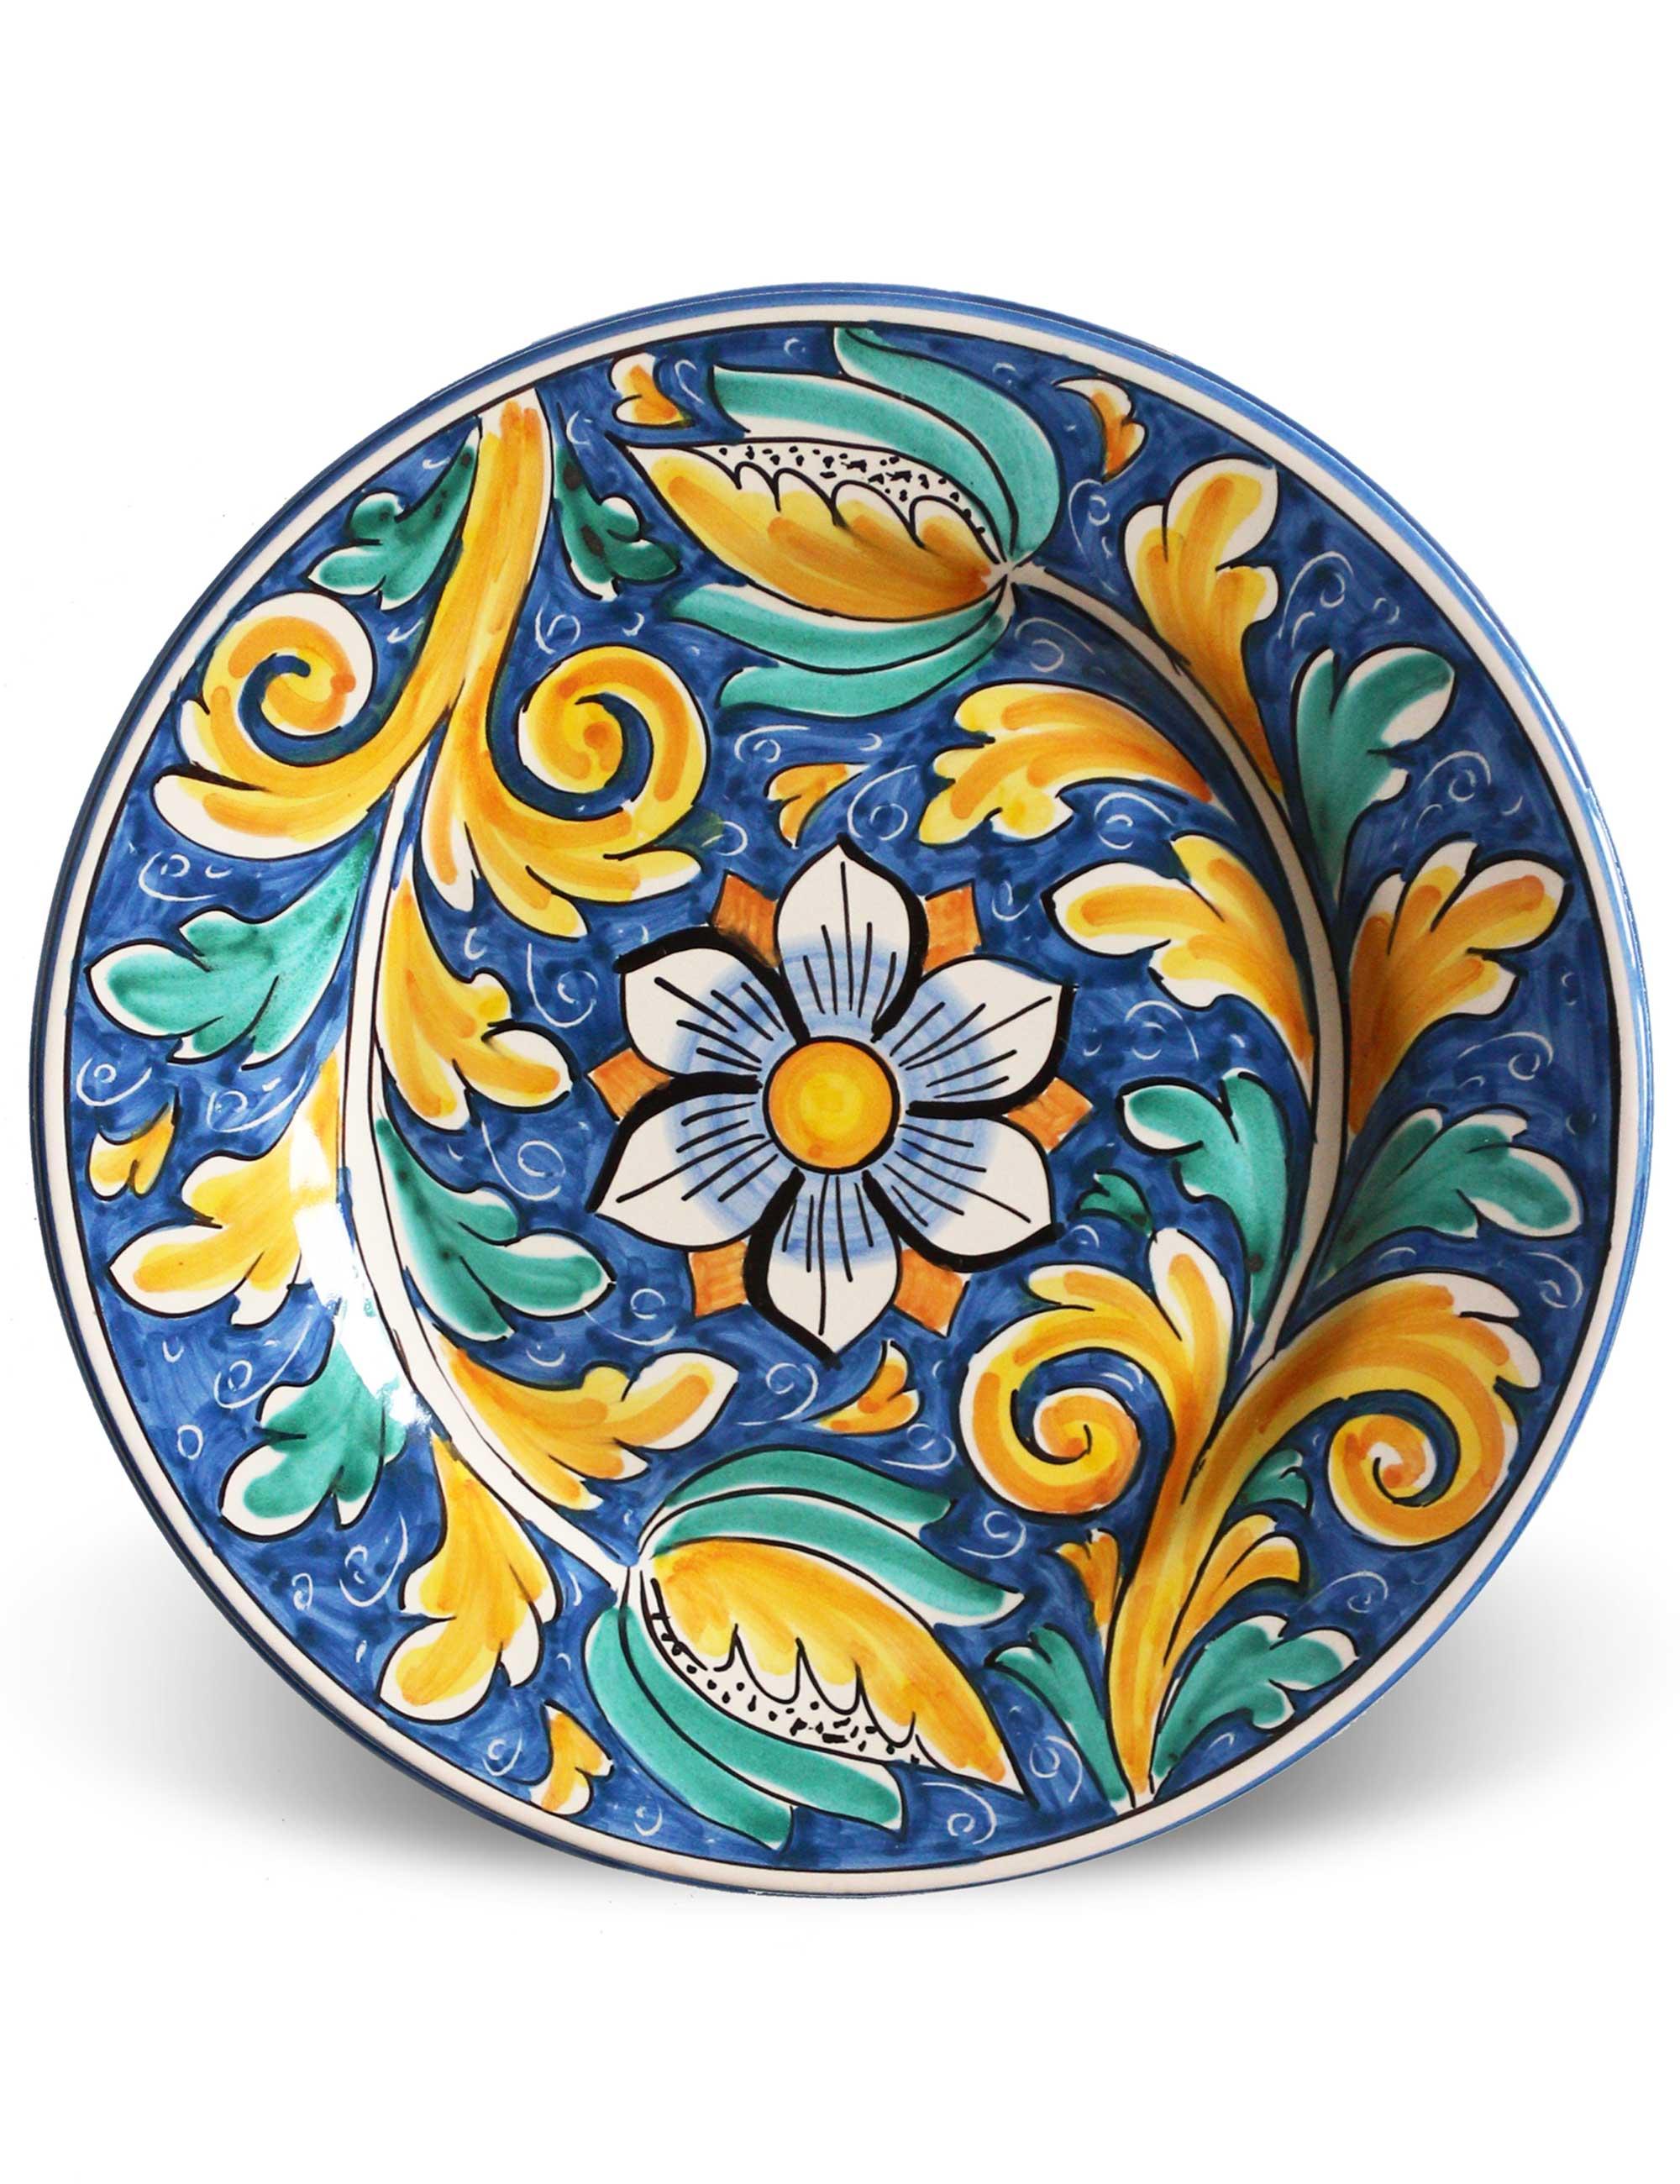 piatti siciliani artigianali piani